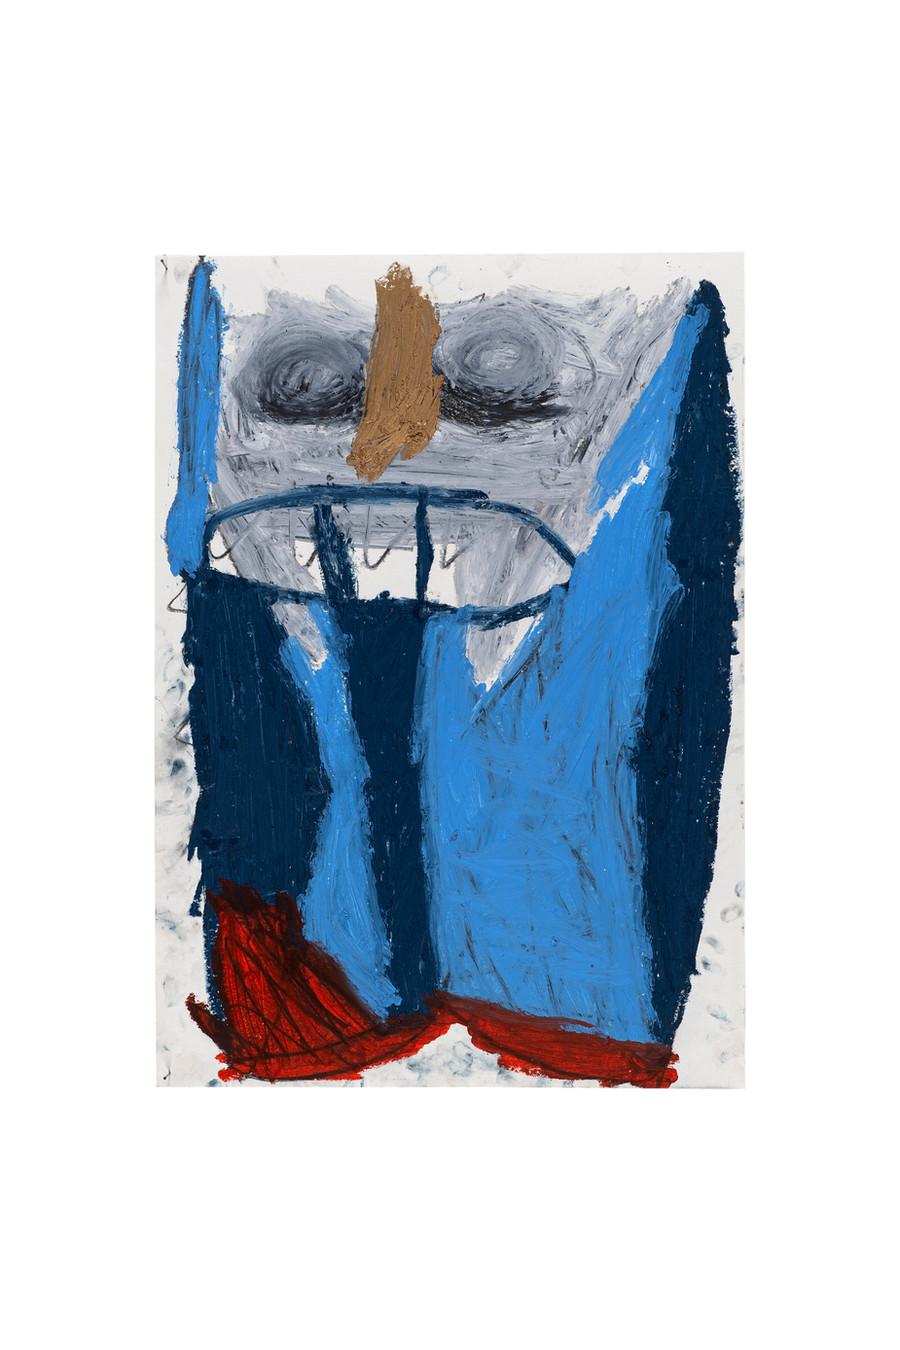 Vicente Saraiva, Controladora da Àgua, 2020, Barra de Oleo e grafite sob papel, 60 x 42cm